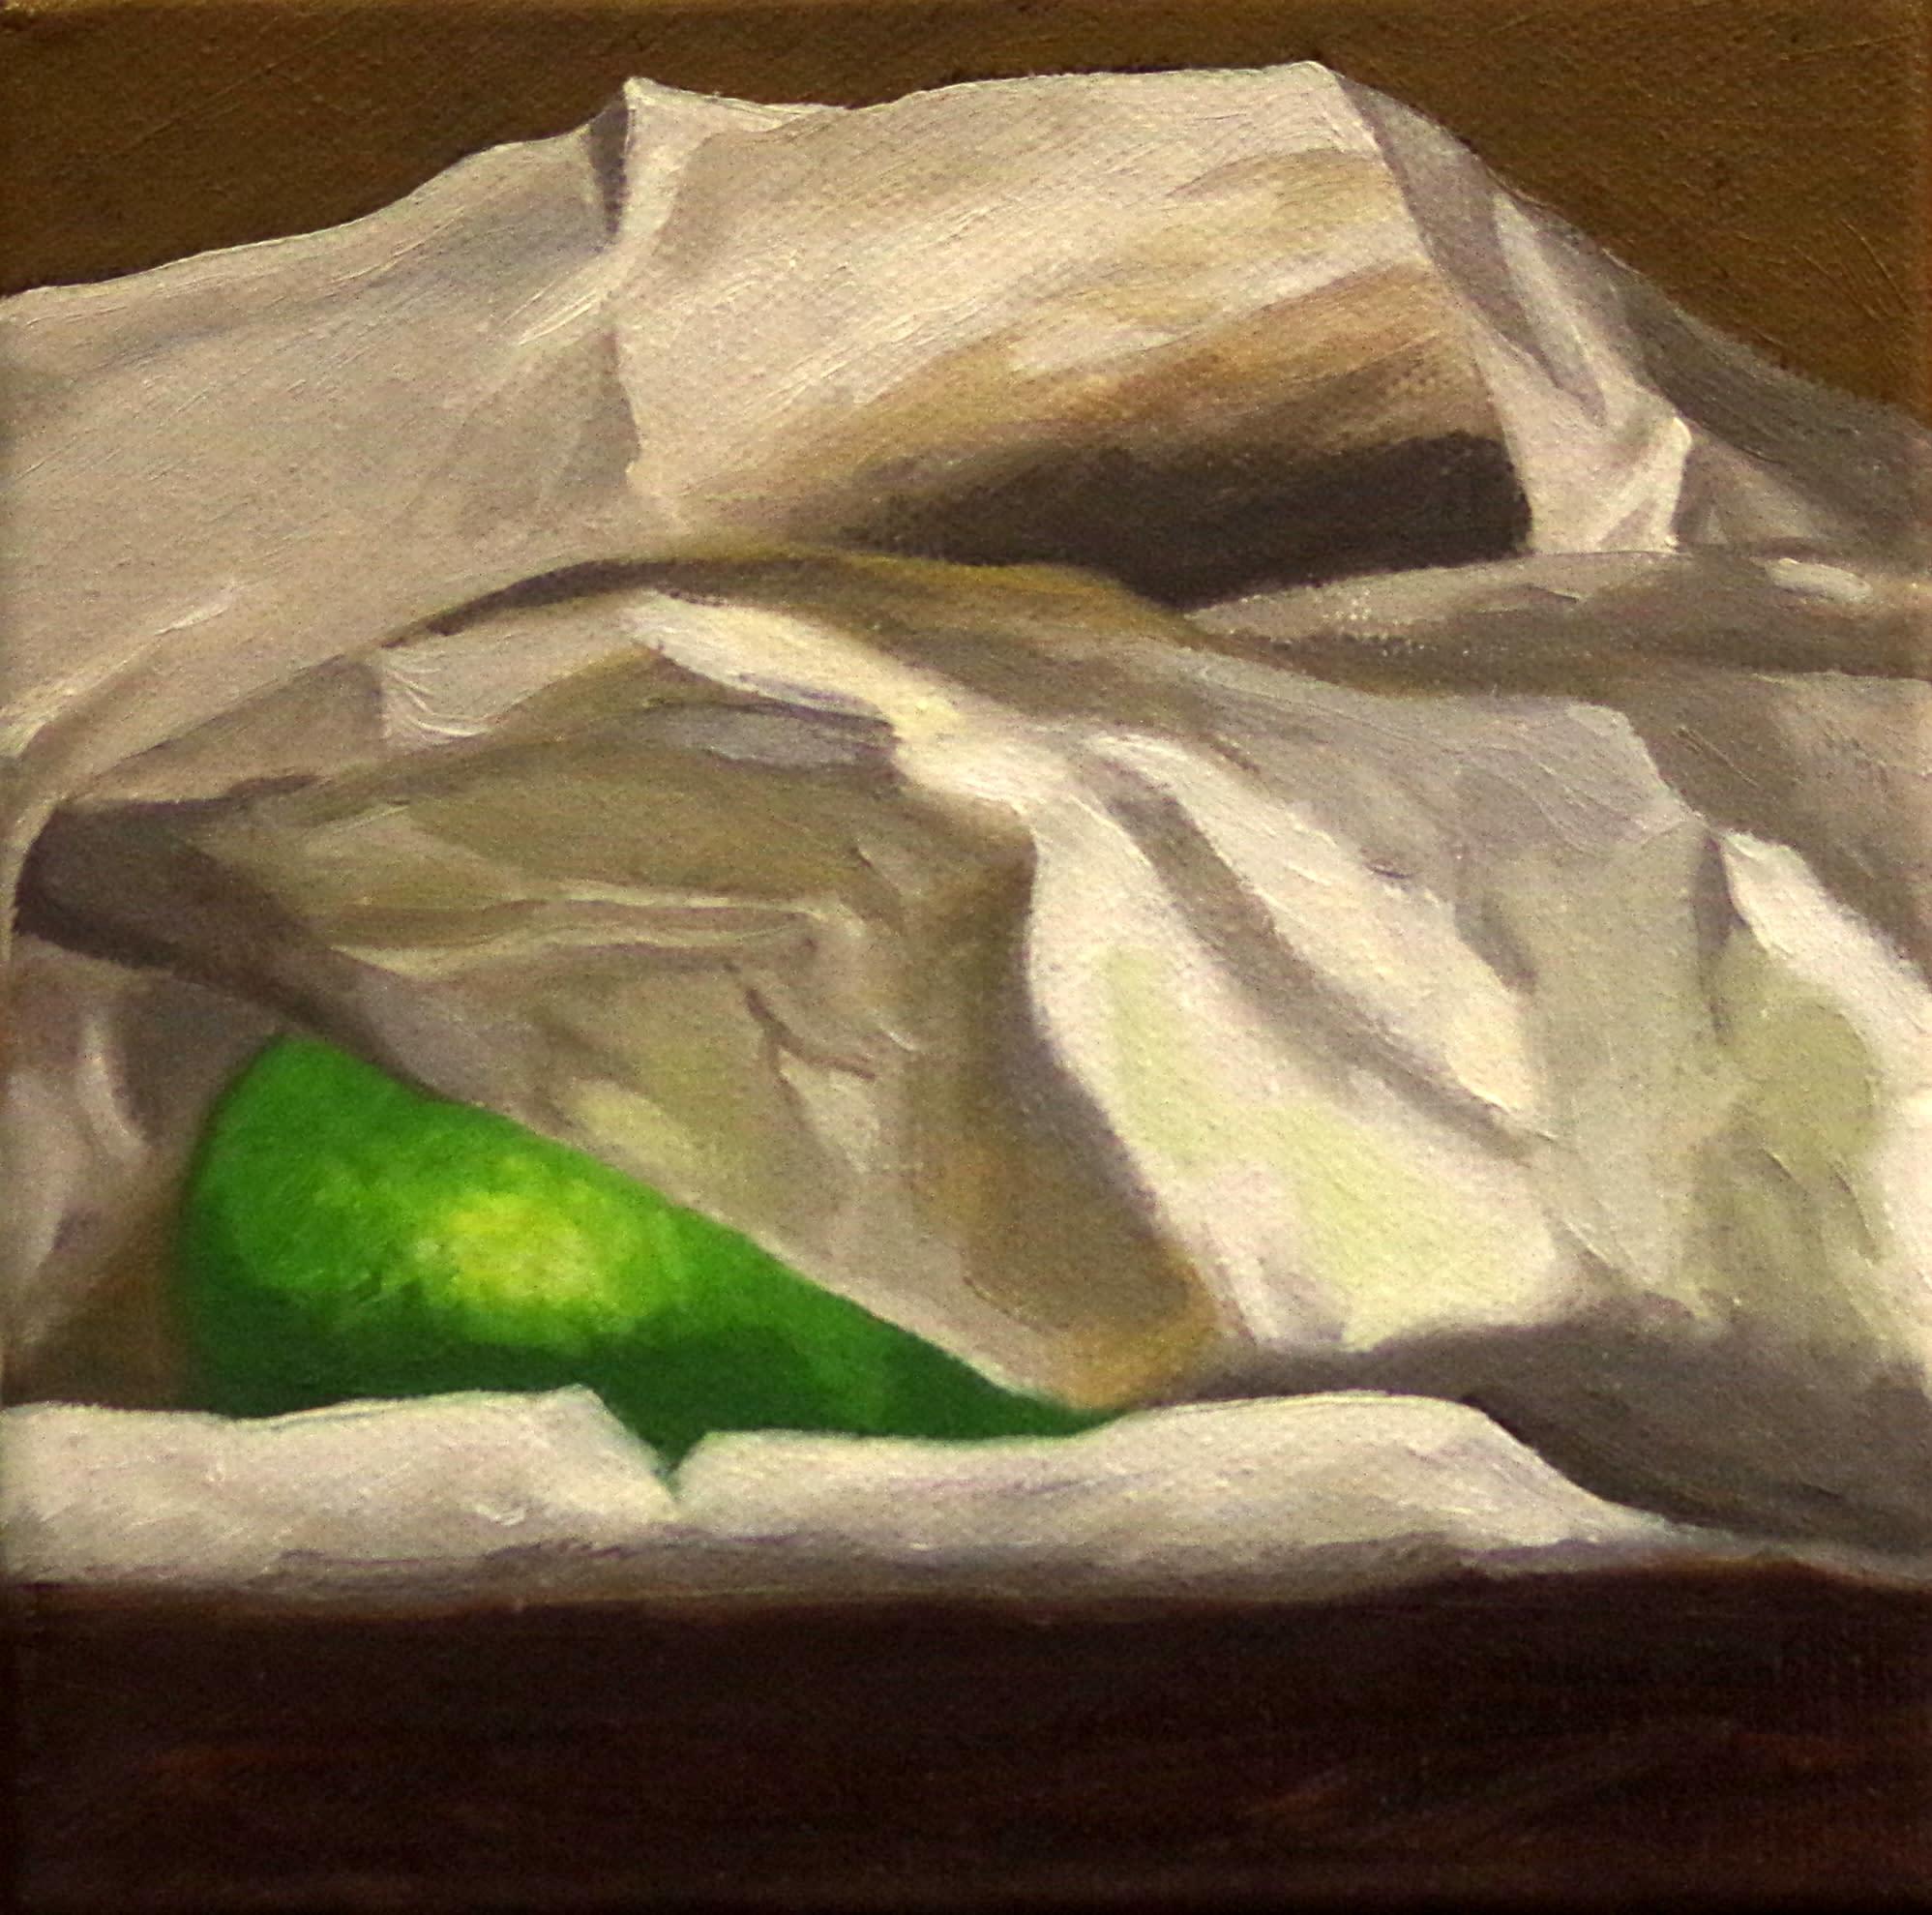 Lime in hiding jcq14v